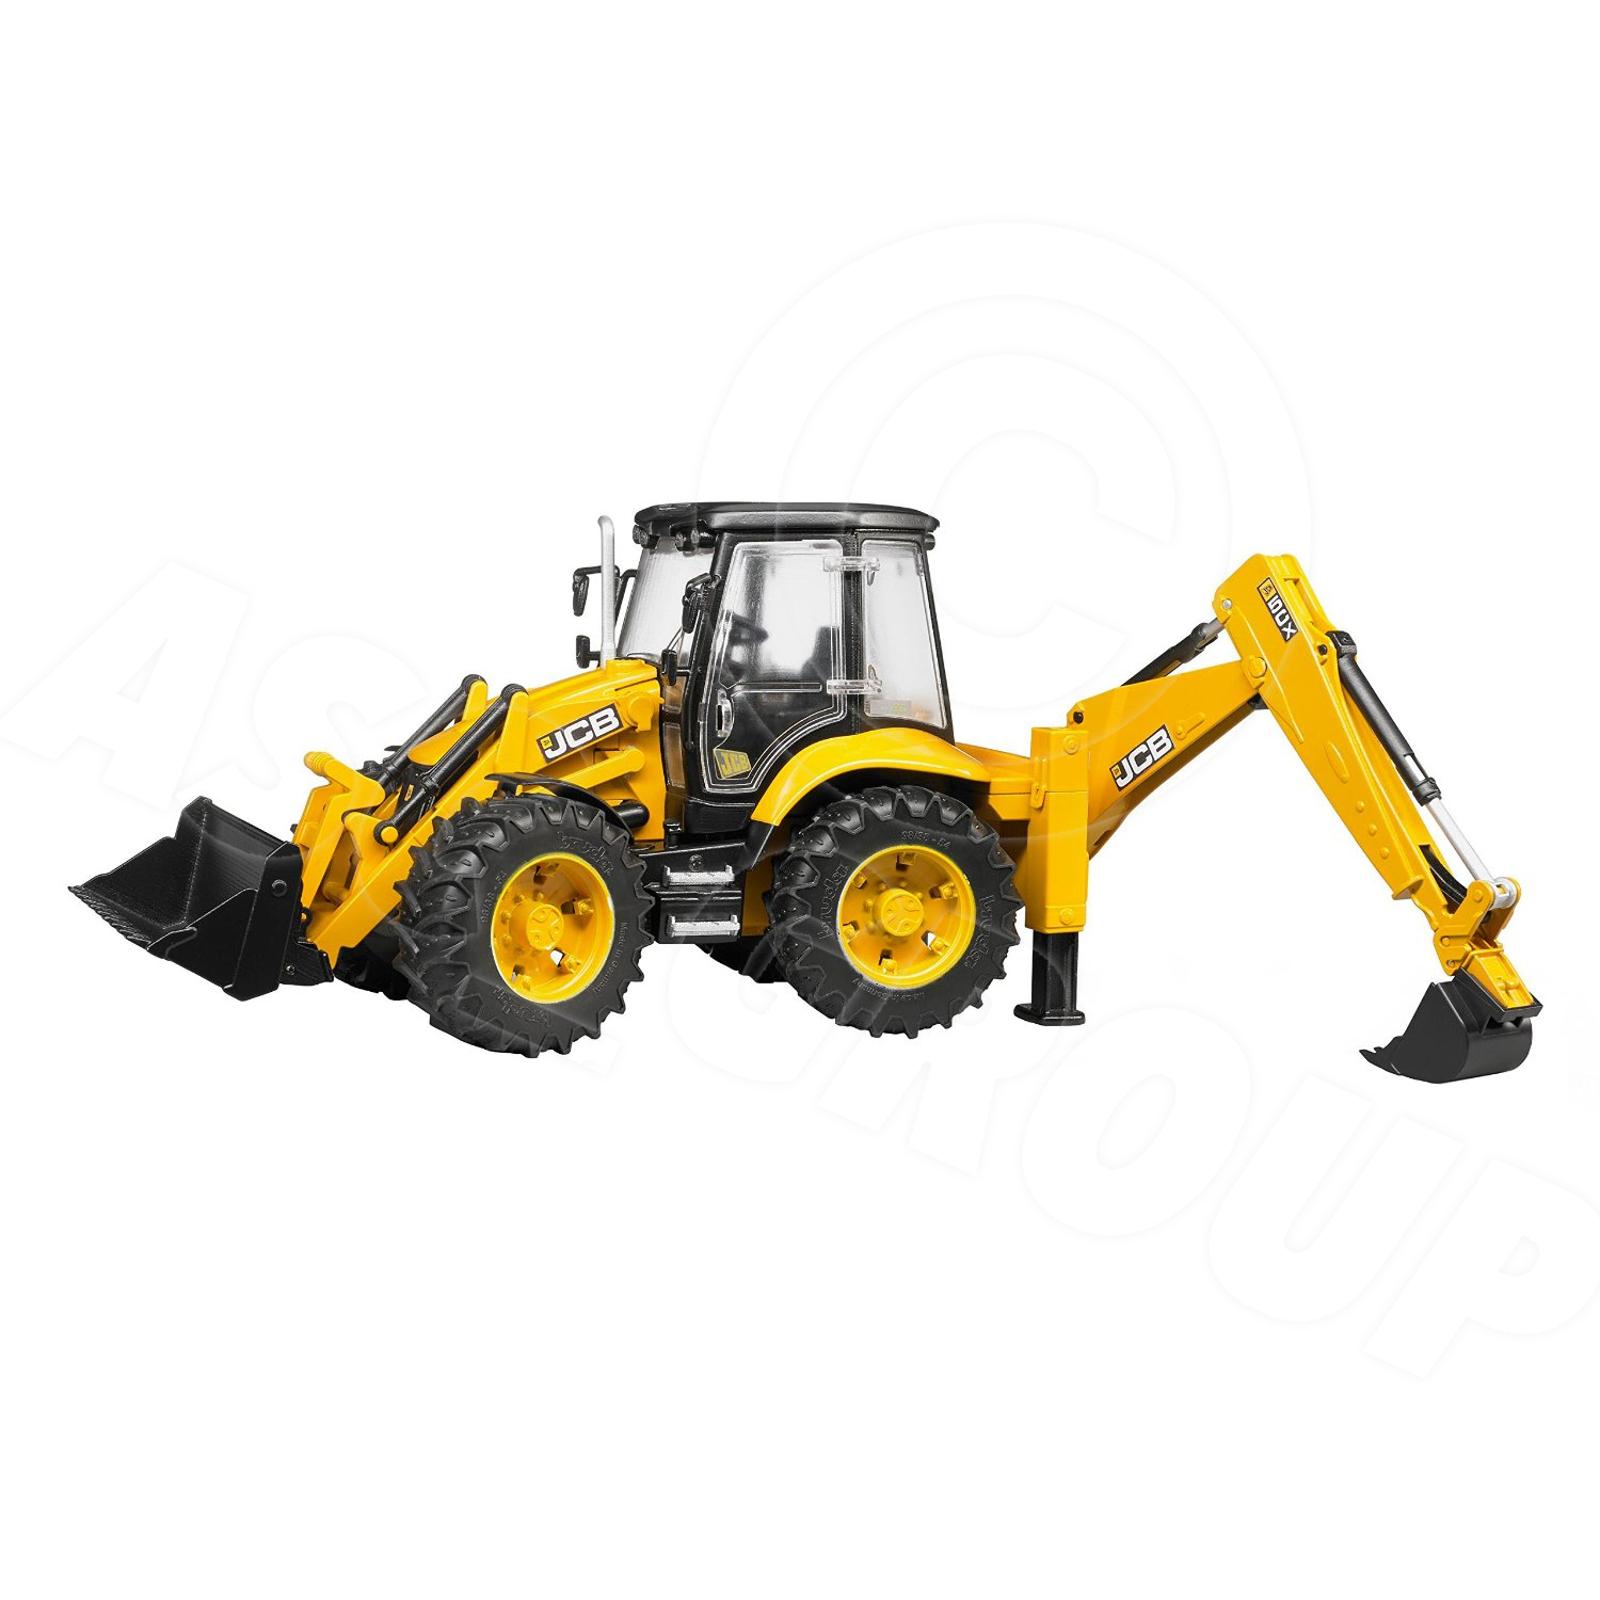 Bruder Toys 02454 Pro Series Jcb 5cx Eco C W Loader